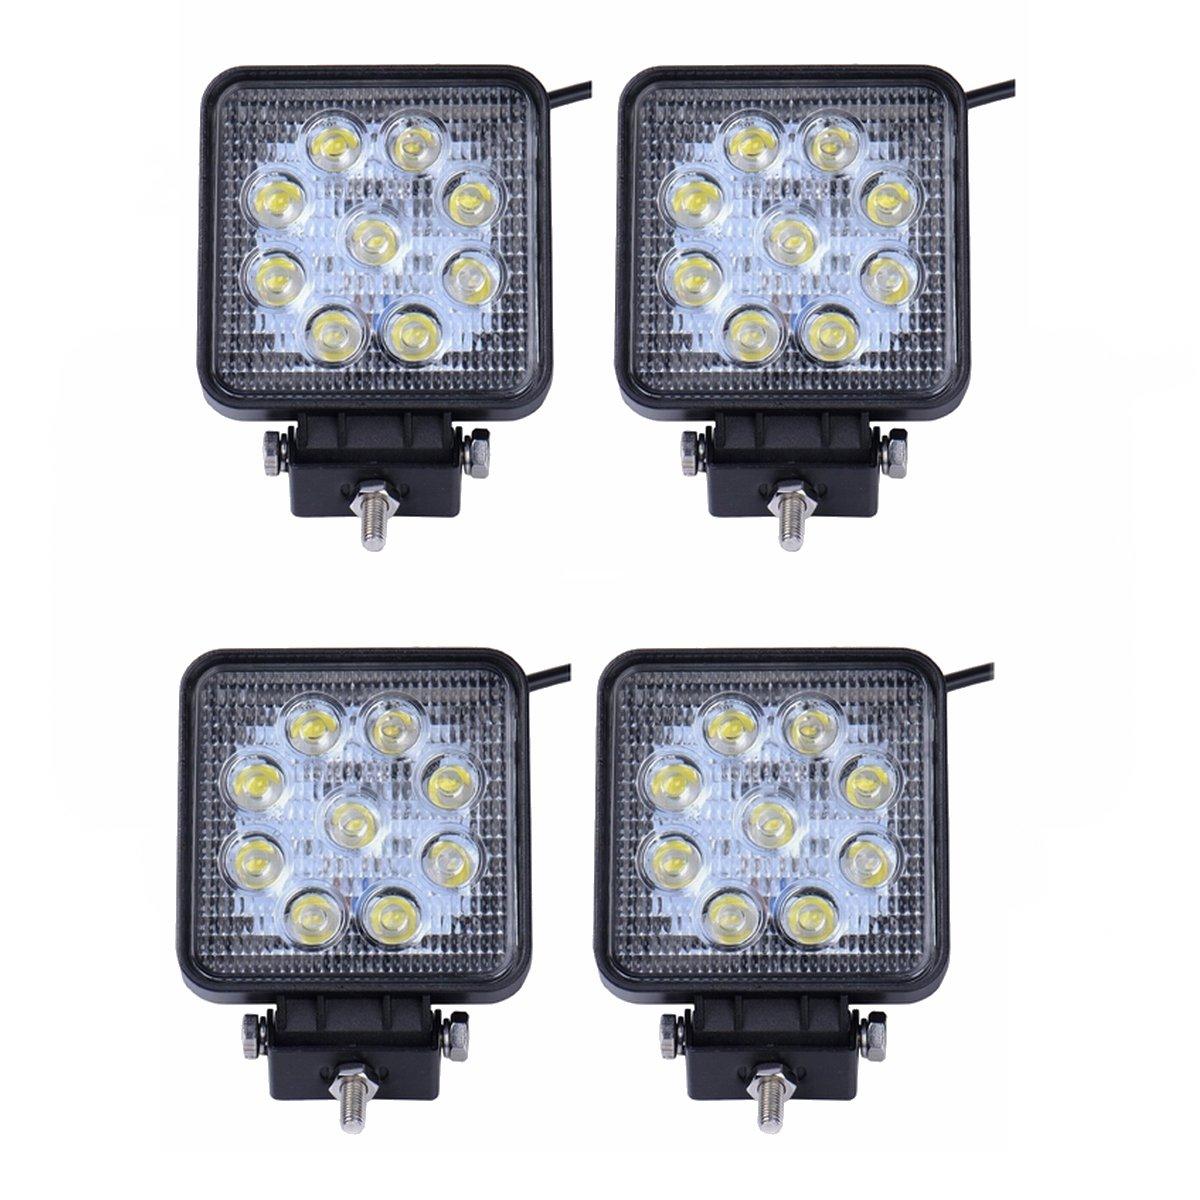 SAILUN 4X27W Faros de trabajo, Faros LED Offroad IP67 Impermeable,Foco Lampara de Coche 12V/24V (4*27W,Square) Generic